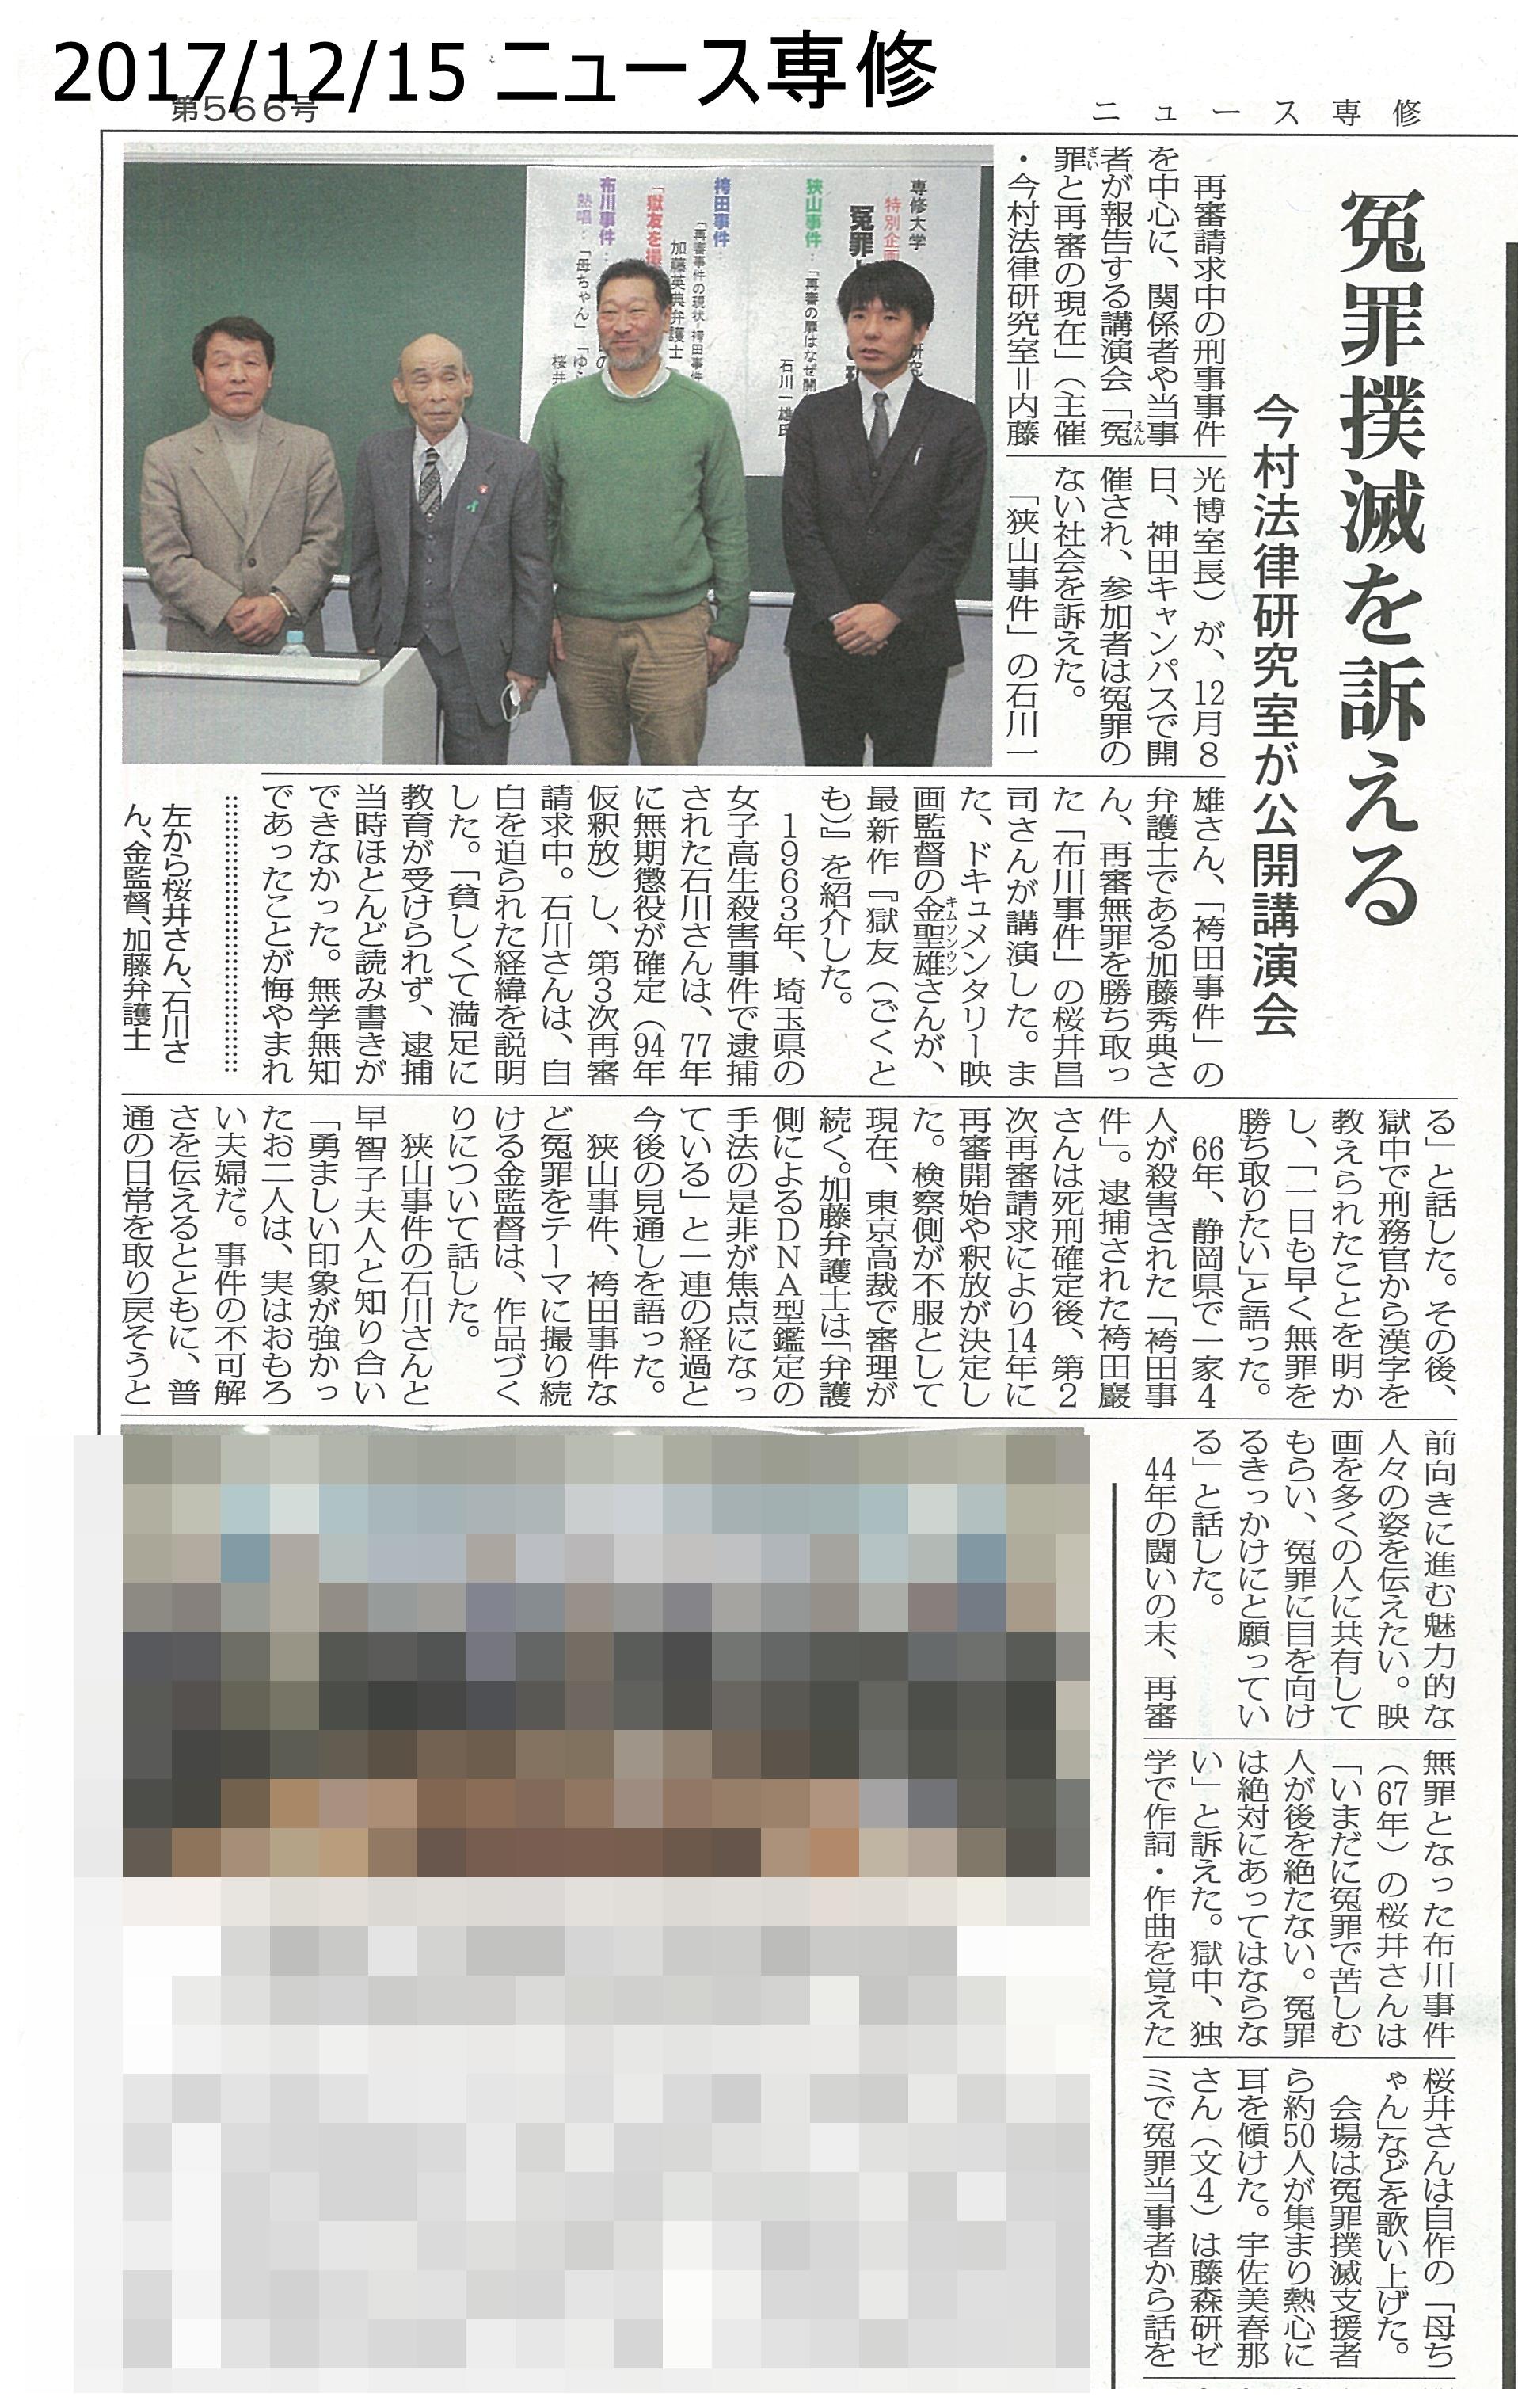 2017.12.15 ニュース専修